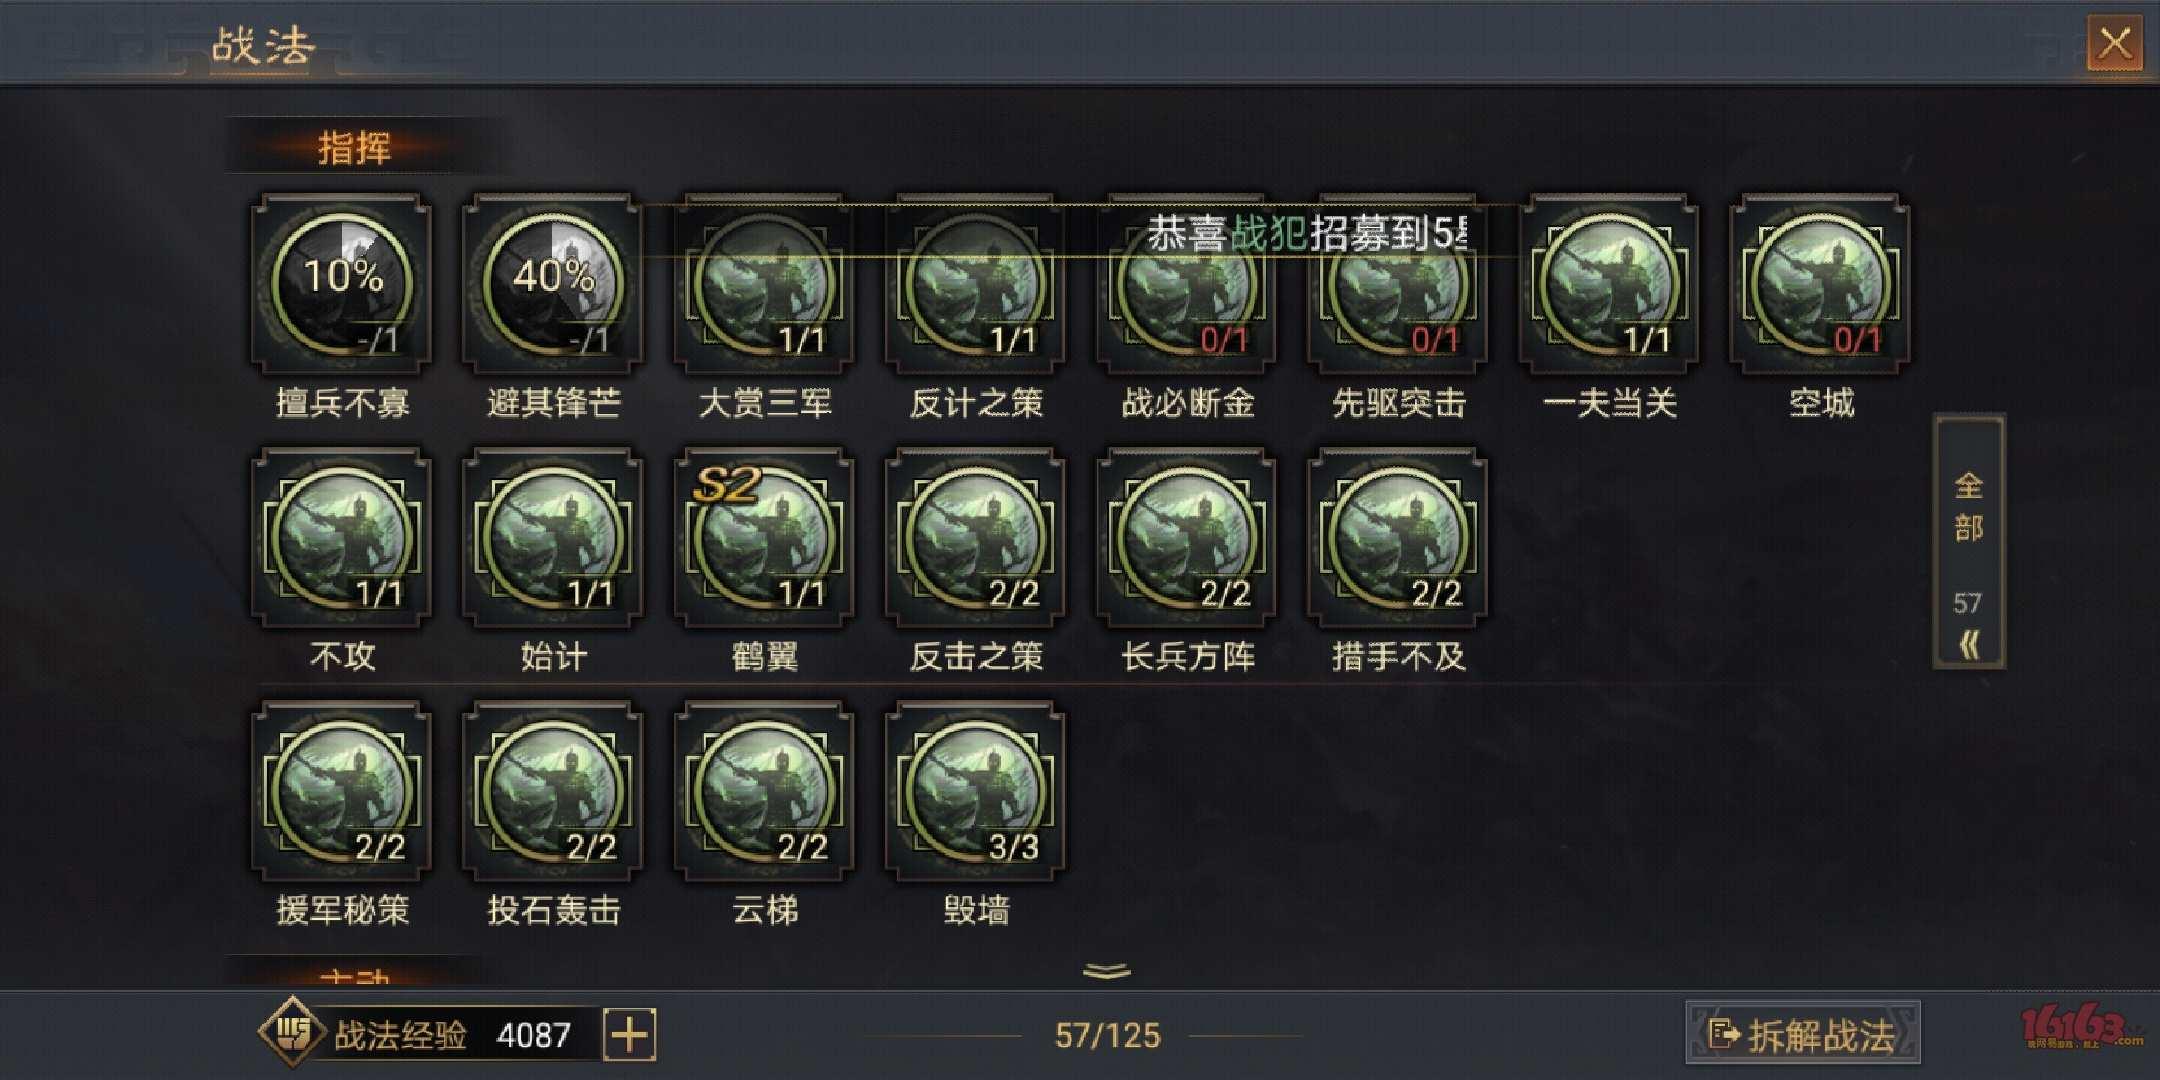 Screenshot_20181104-145243.jpg